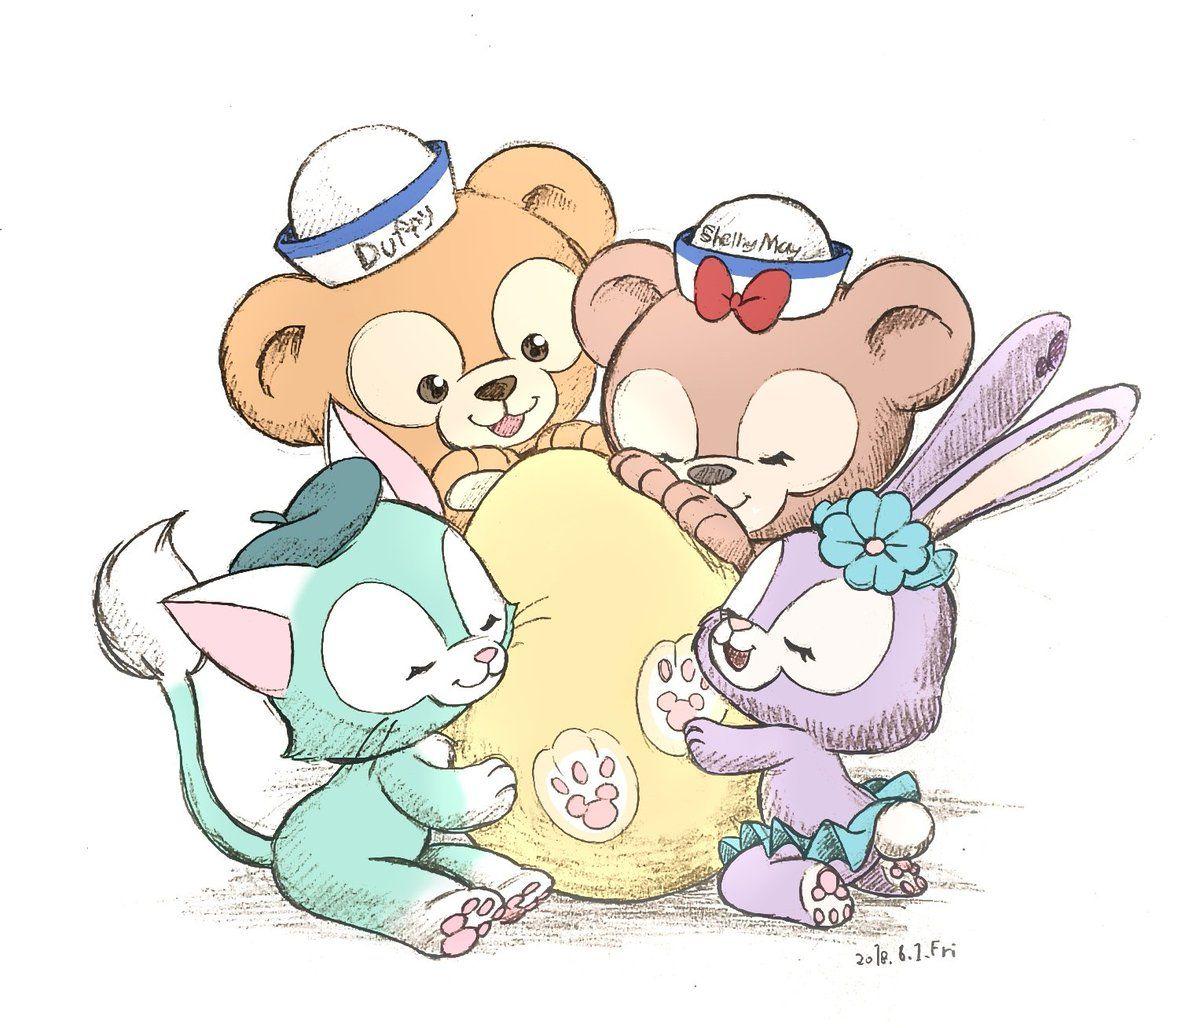 Duffy Friend おしゃれまとめの人気アイデア Pinterest Yuuuukiiii ディズニーキャラのイラスト ディズニー ジェラトーニ ディズニー イラスト かわいい